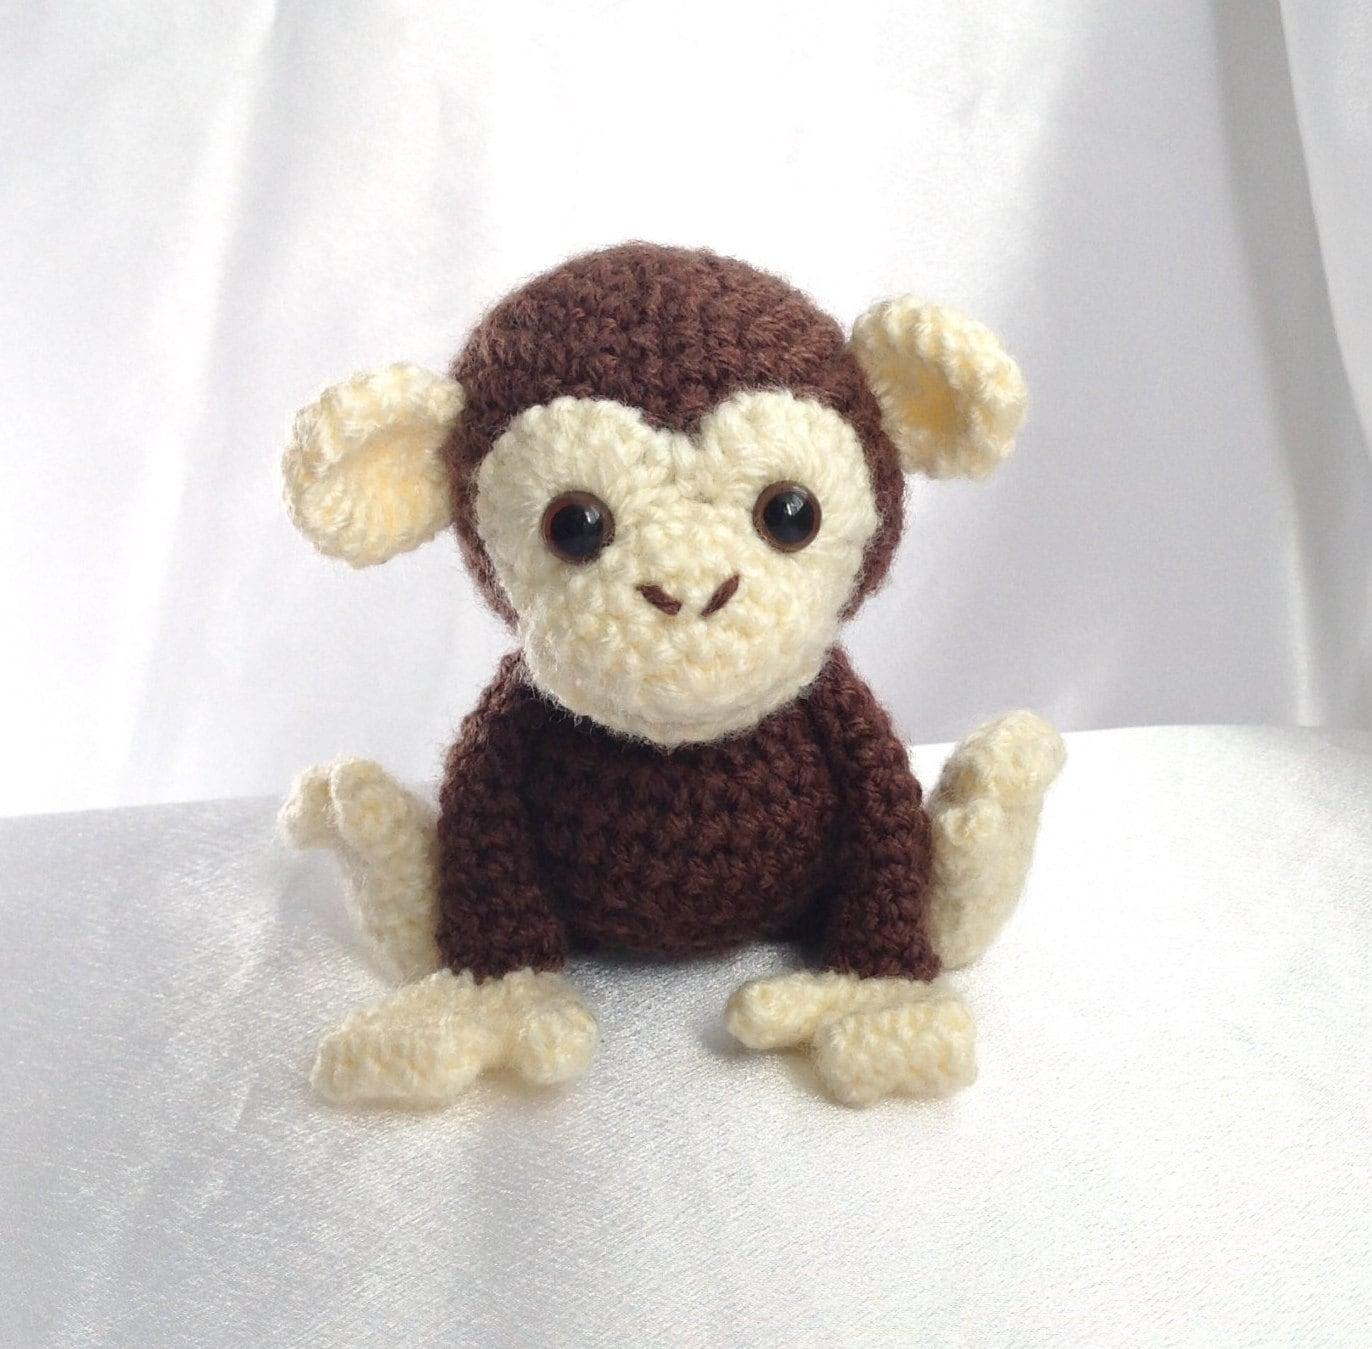 Kawaii Monkey Amigurumi : Amiani Maurice the Monkey amigurumi cute stuffed animal